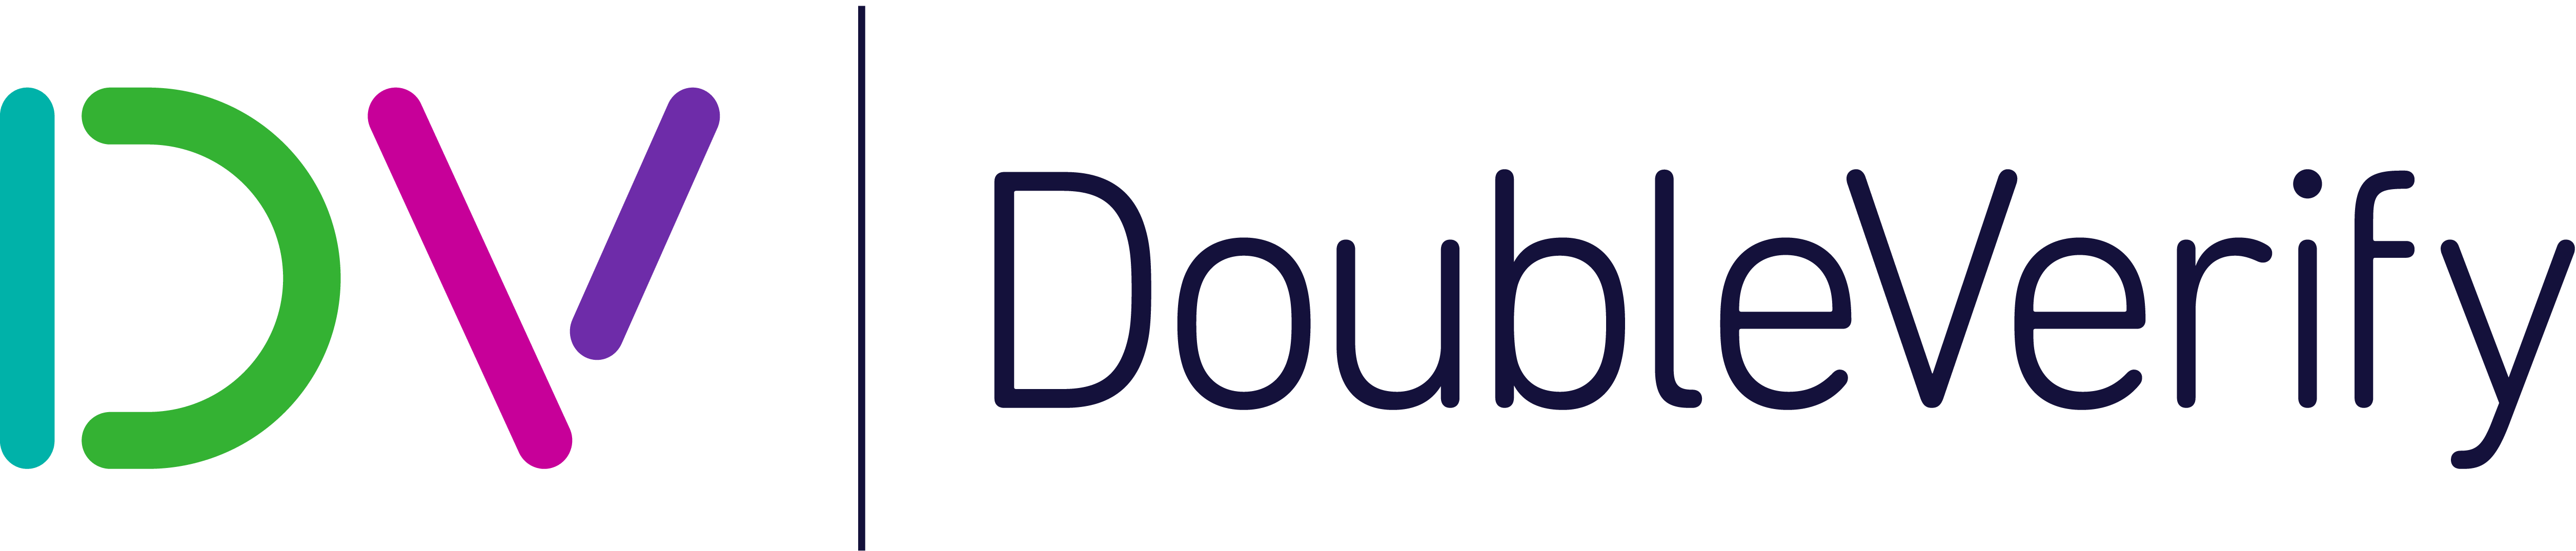 DV-logo-min